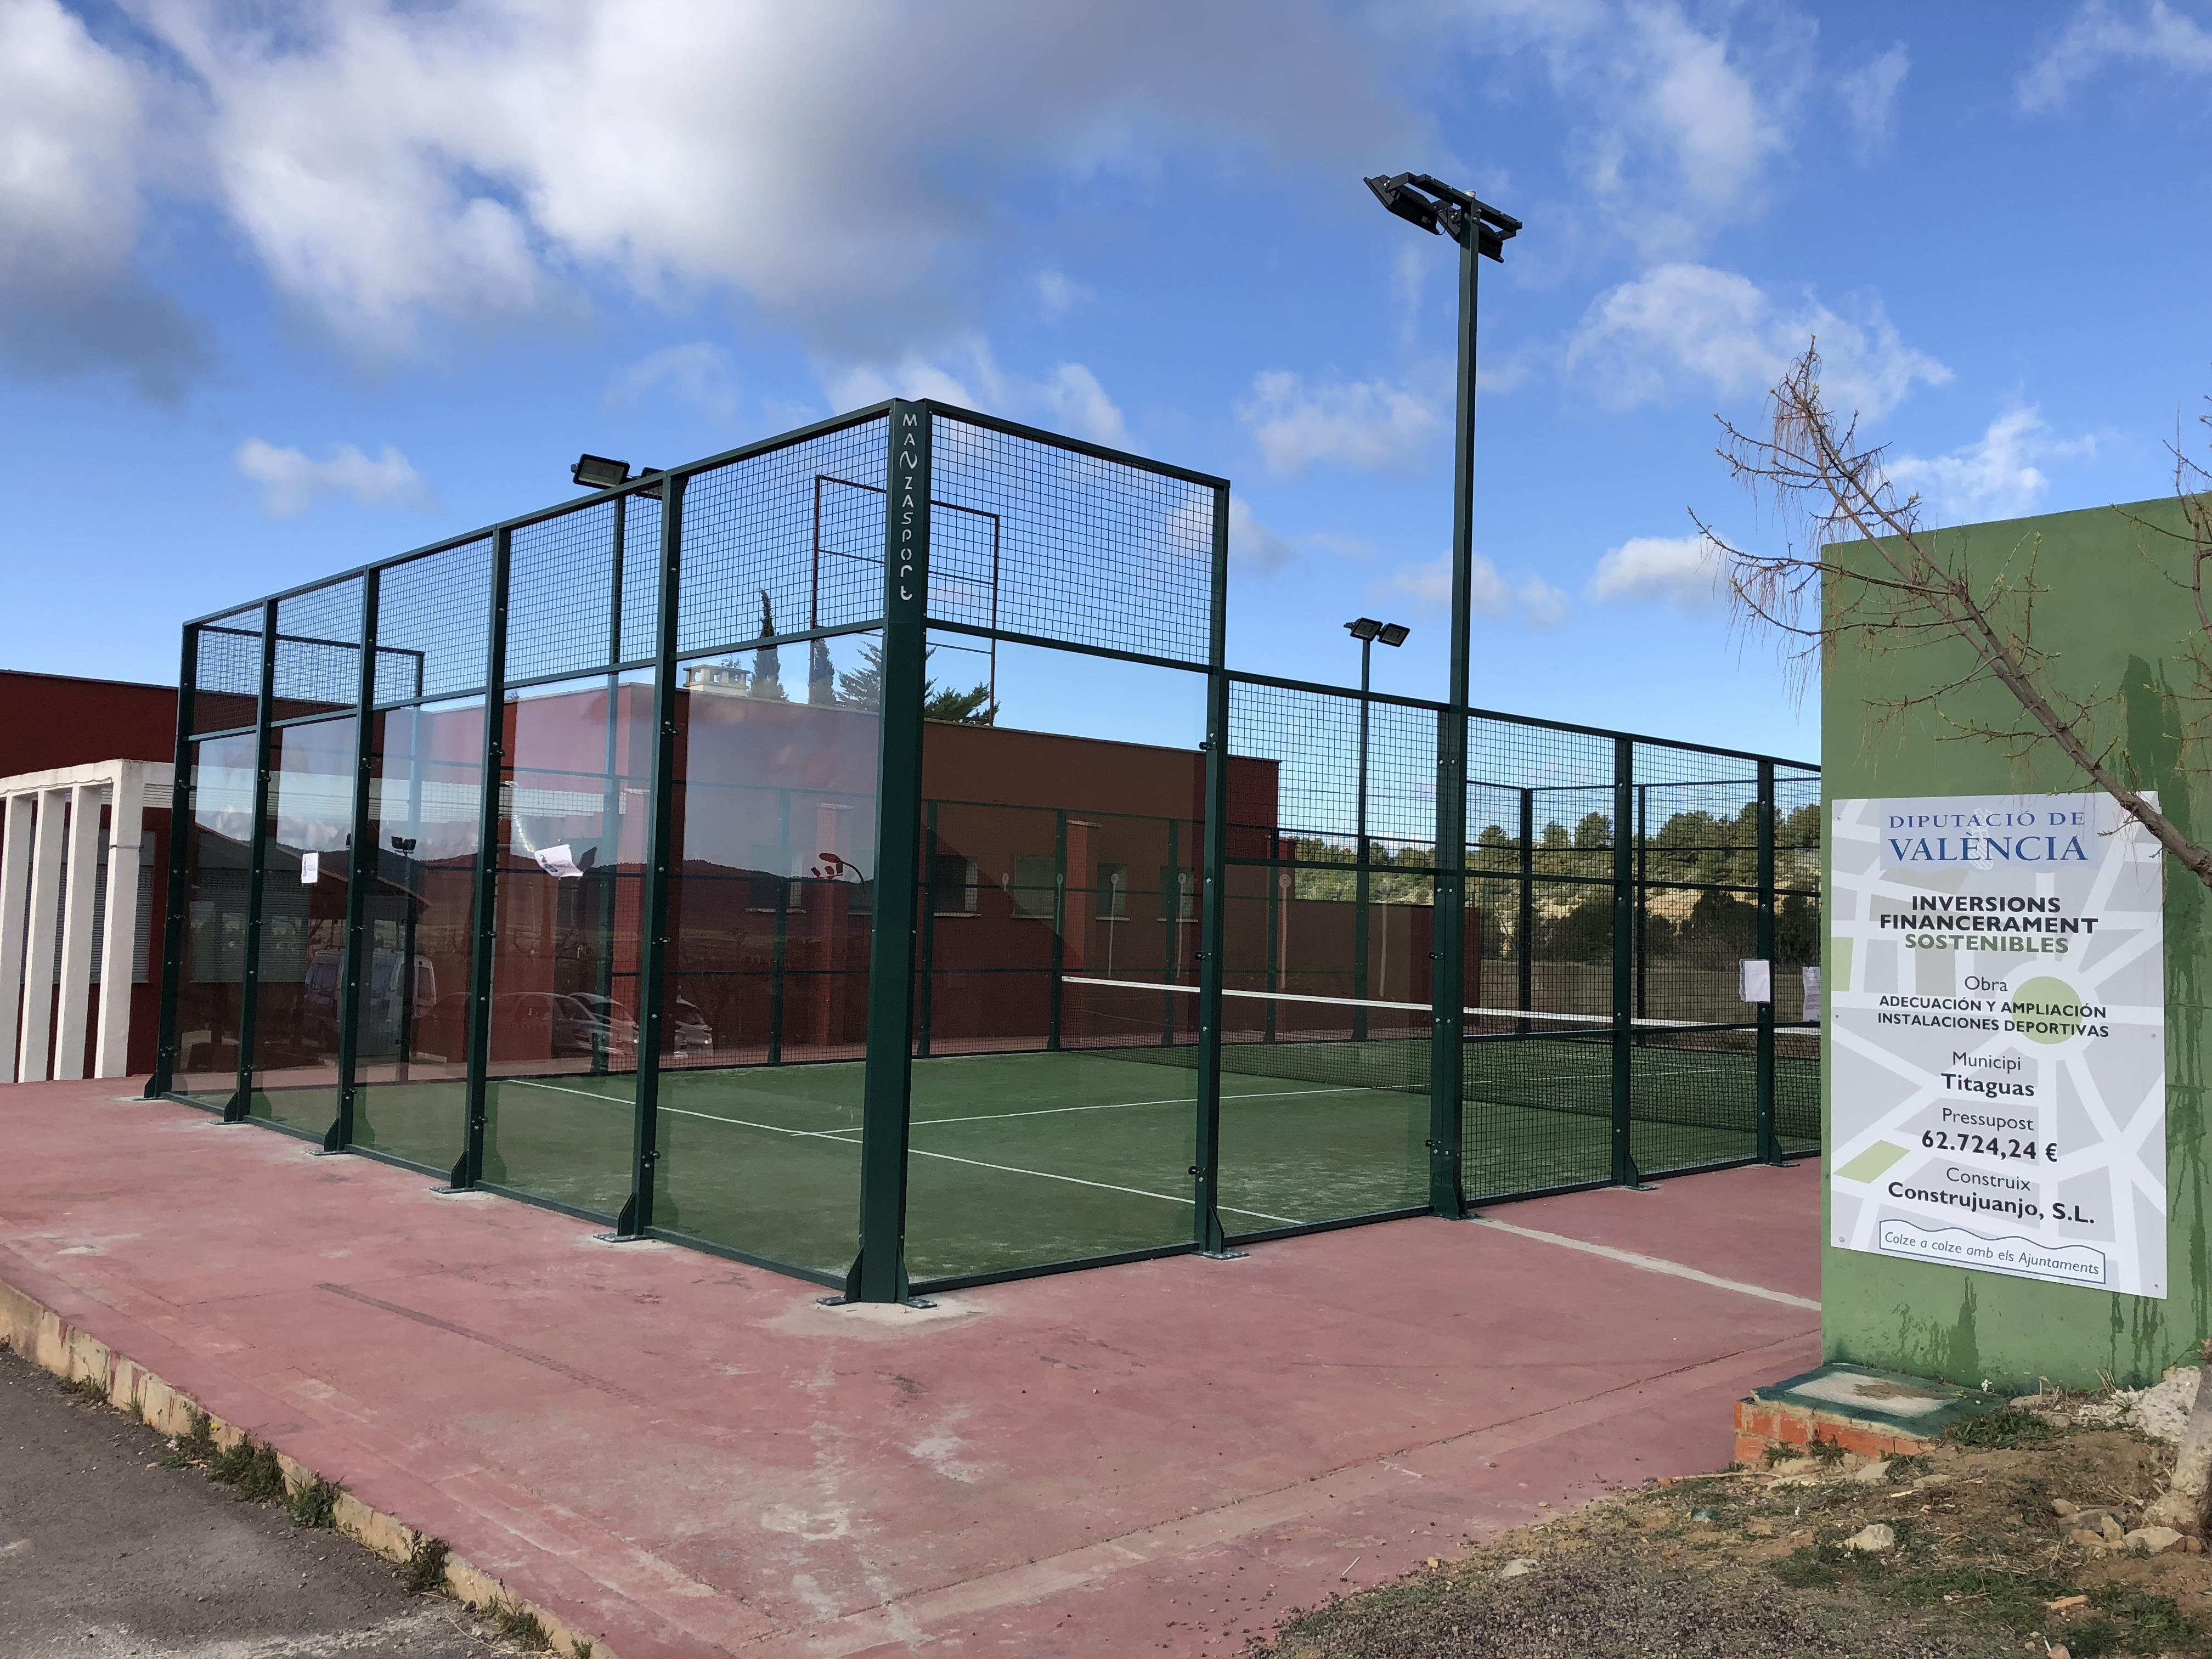 El municipio de Los Serranos destina los 63.000 euros del plan de Inversiones Sostenibles de 2017 a la mejora de sus instalaciones deportivas, dando respuesta a las demandas de vecinas y vecinos.